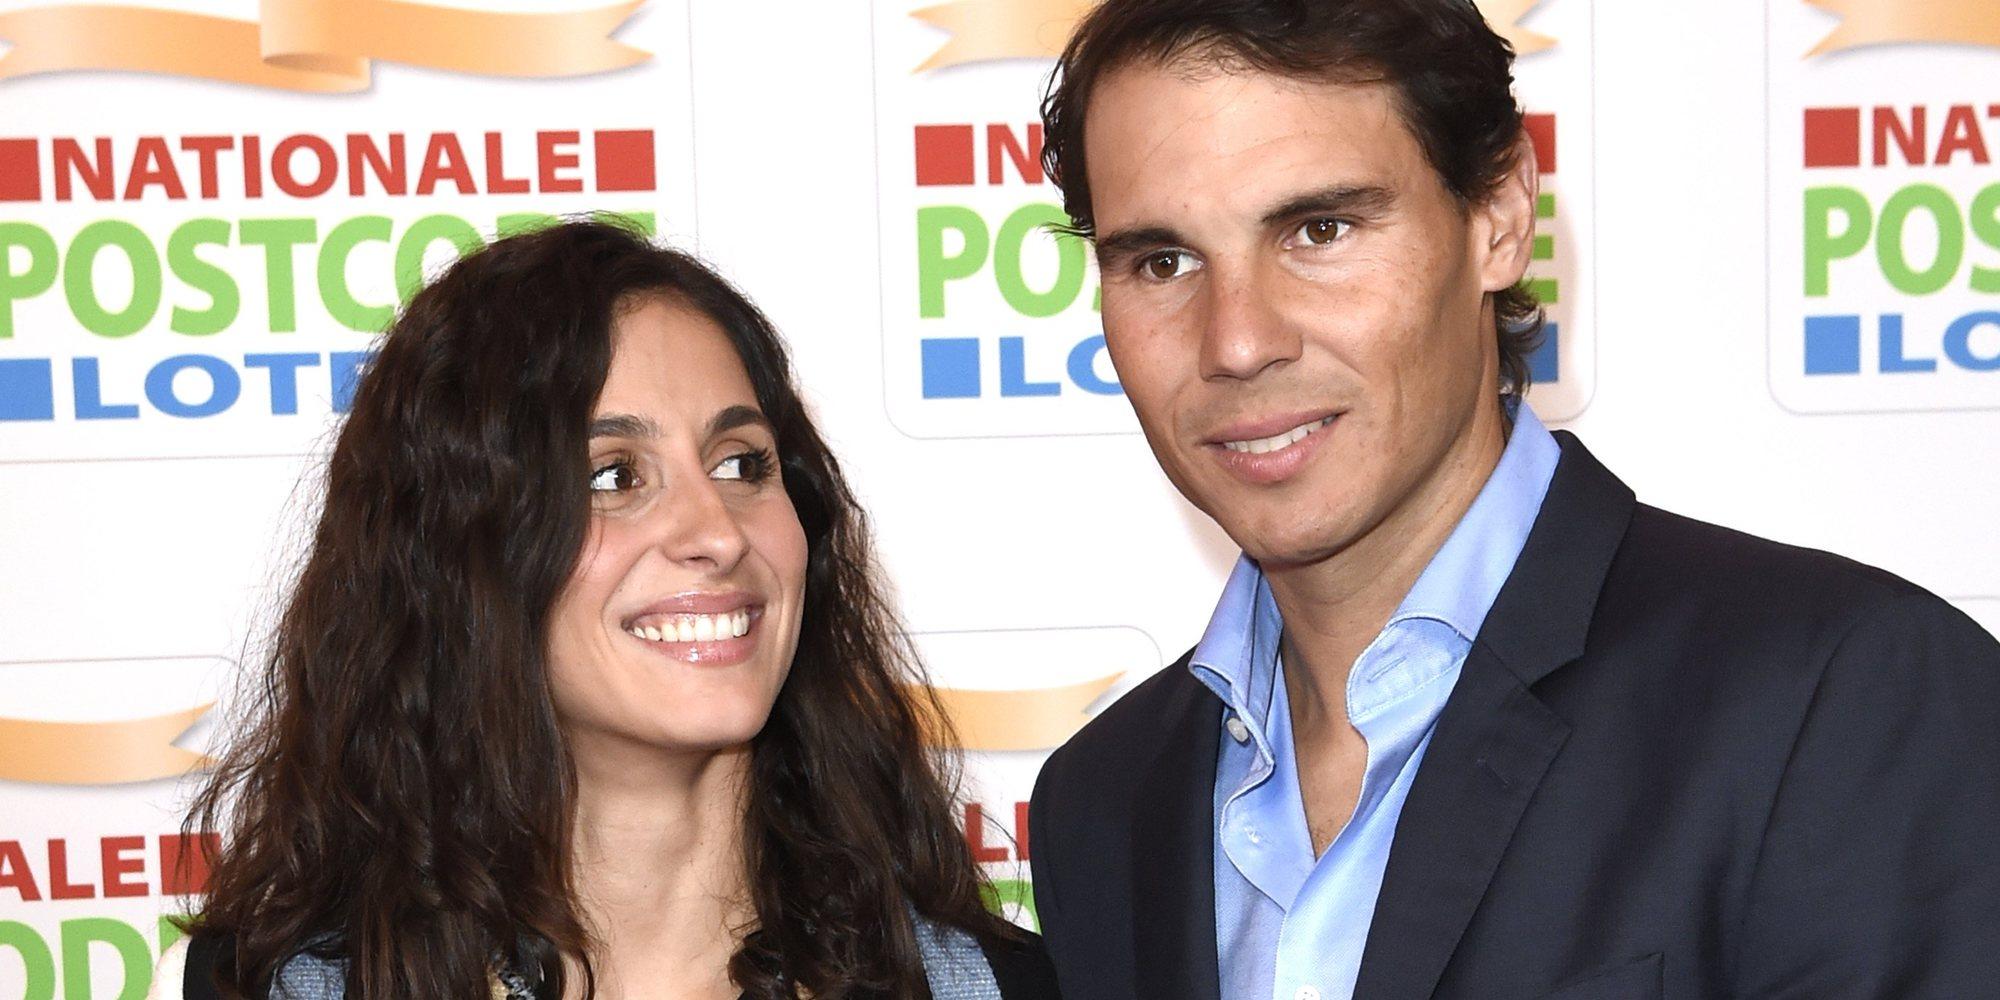 Primeras imágenes de la boda de Rafa Nadal y Xisca Perelló en Mallorca